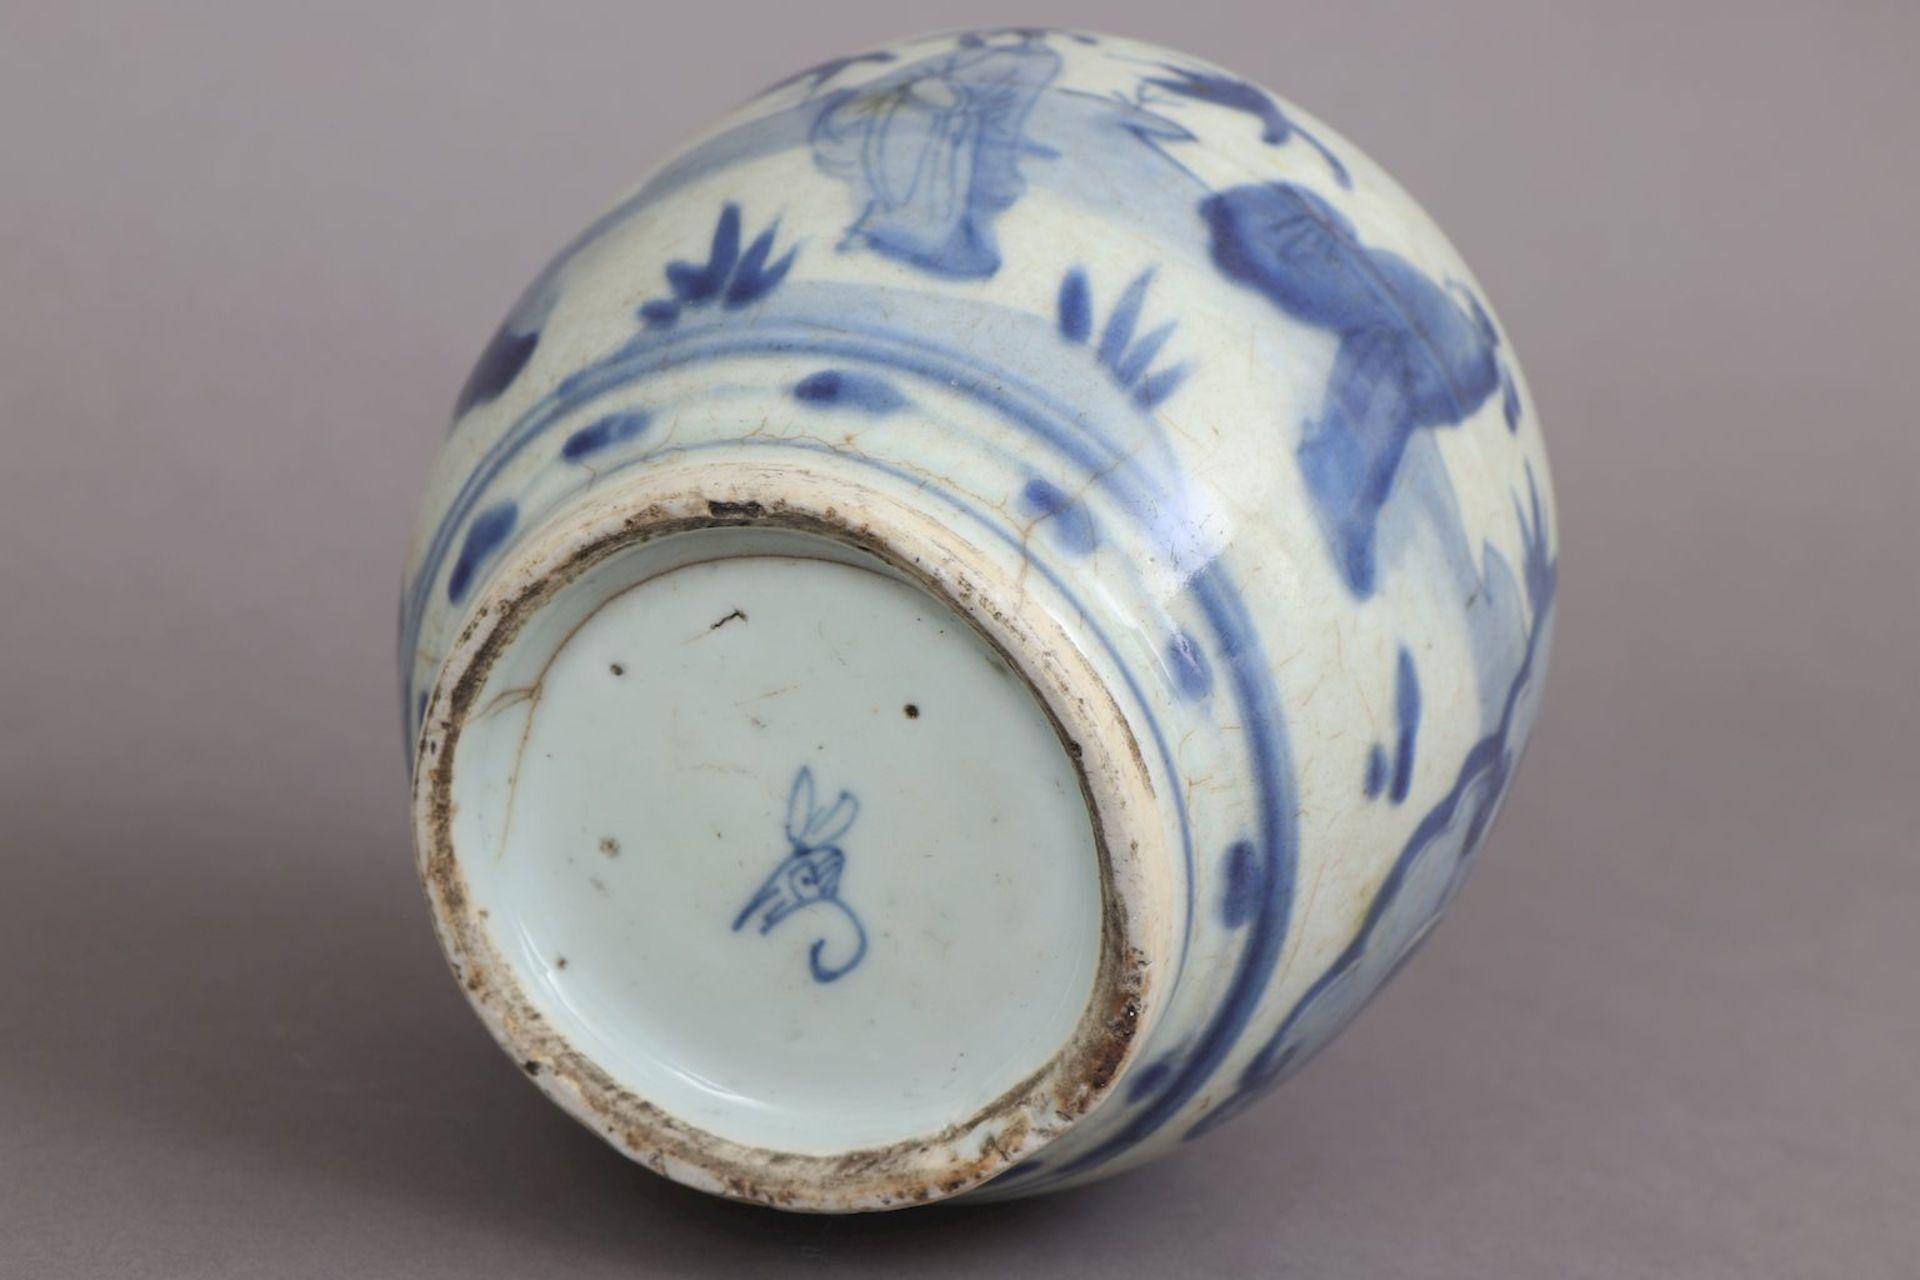 Chinesisches Vorratsgefäß/Ingwertopf der Ming Dynastie (1368-1644) - Image 4 of 5